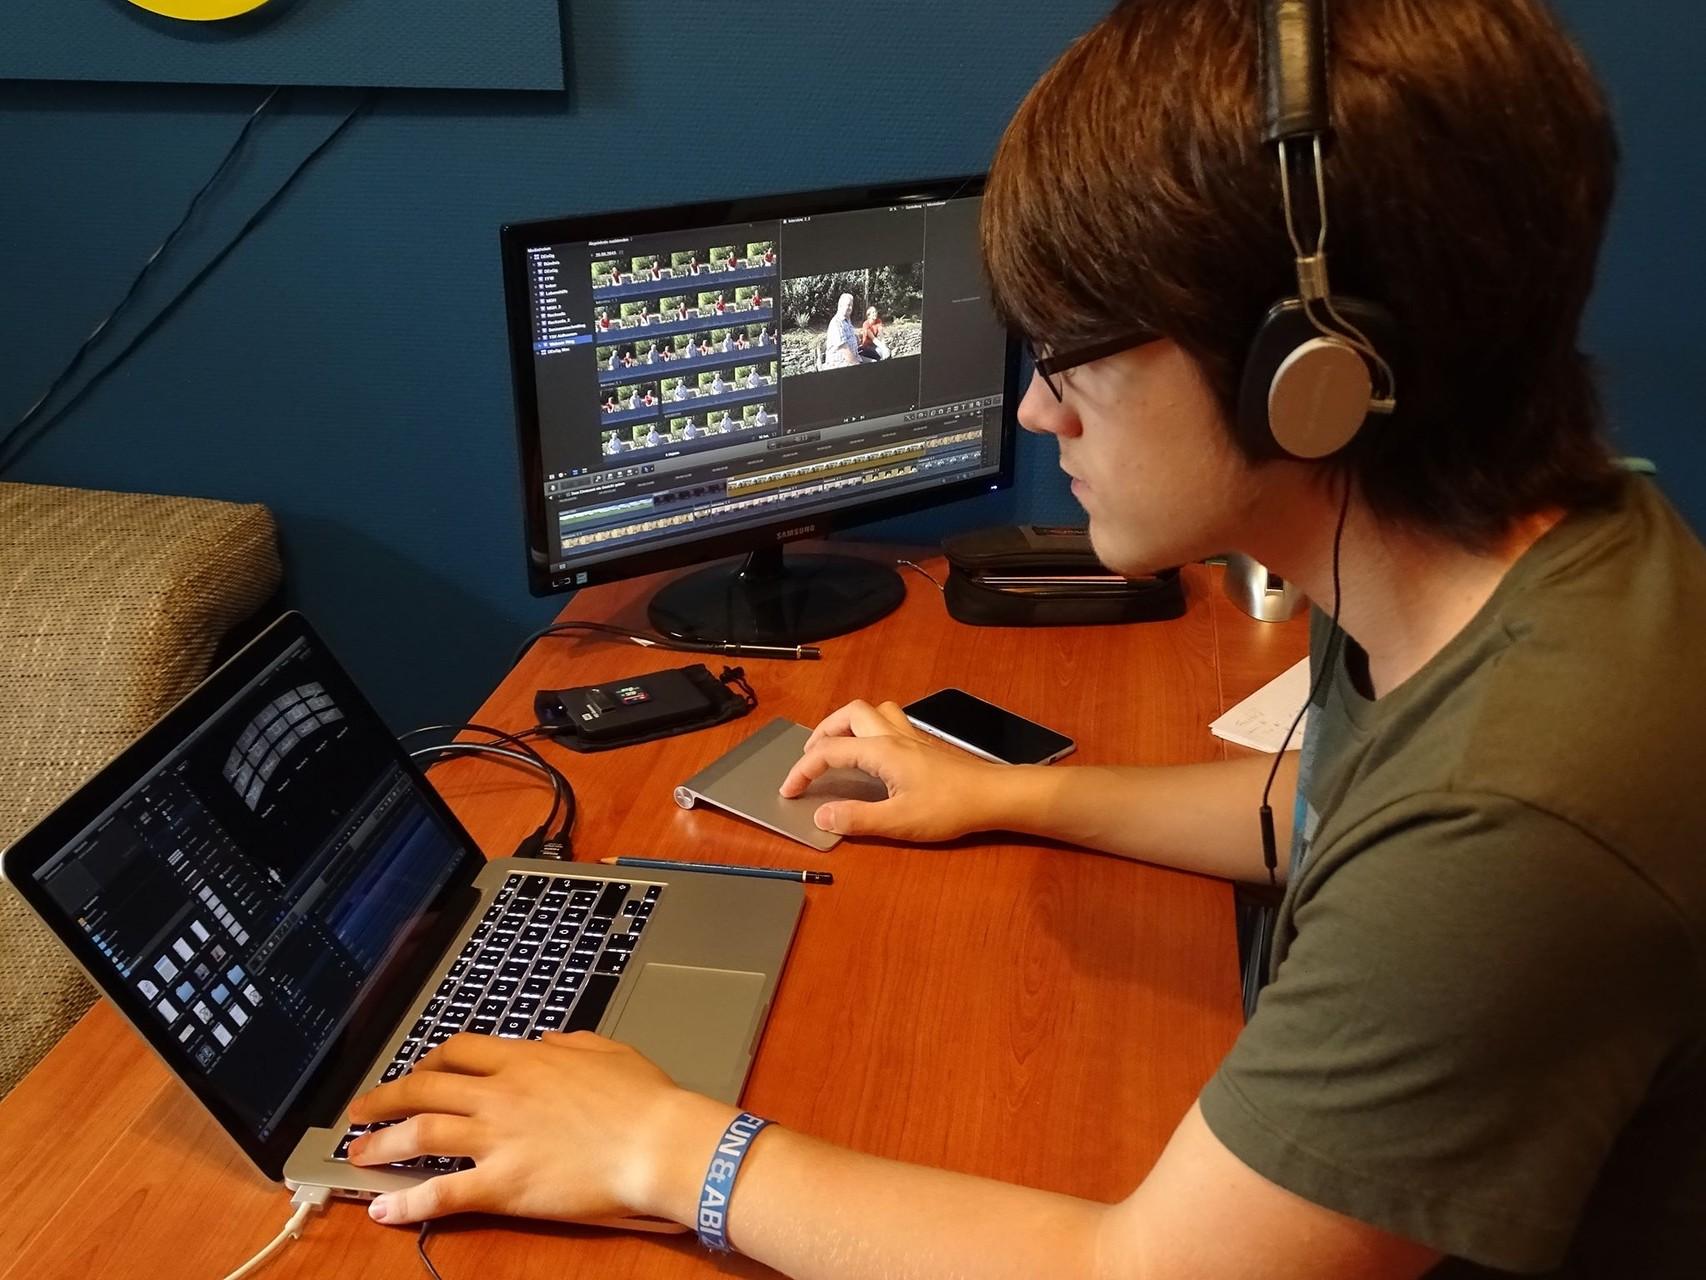 Lukas in Aktion - fragt nicht, wie viele Stunden Filmmaterial wir haben ;)